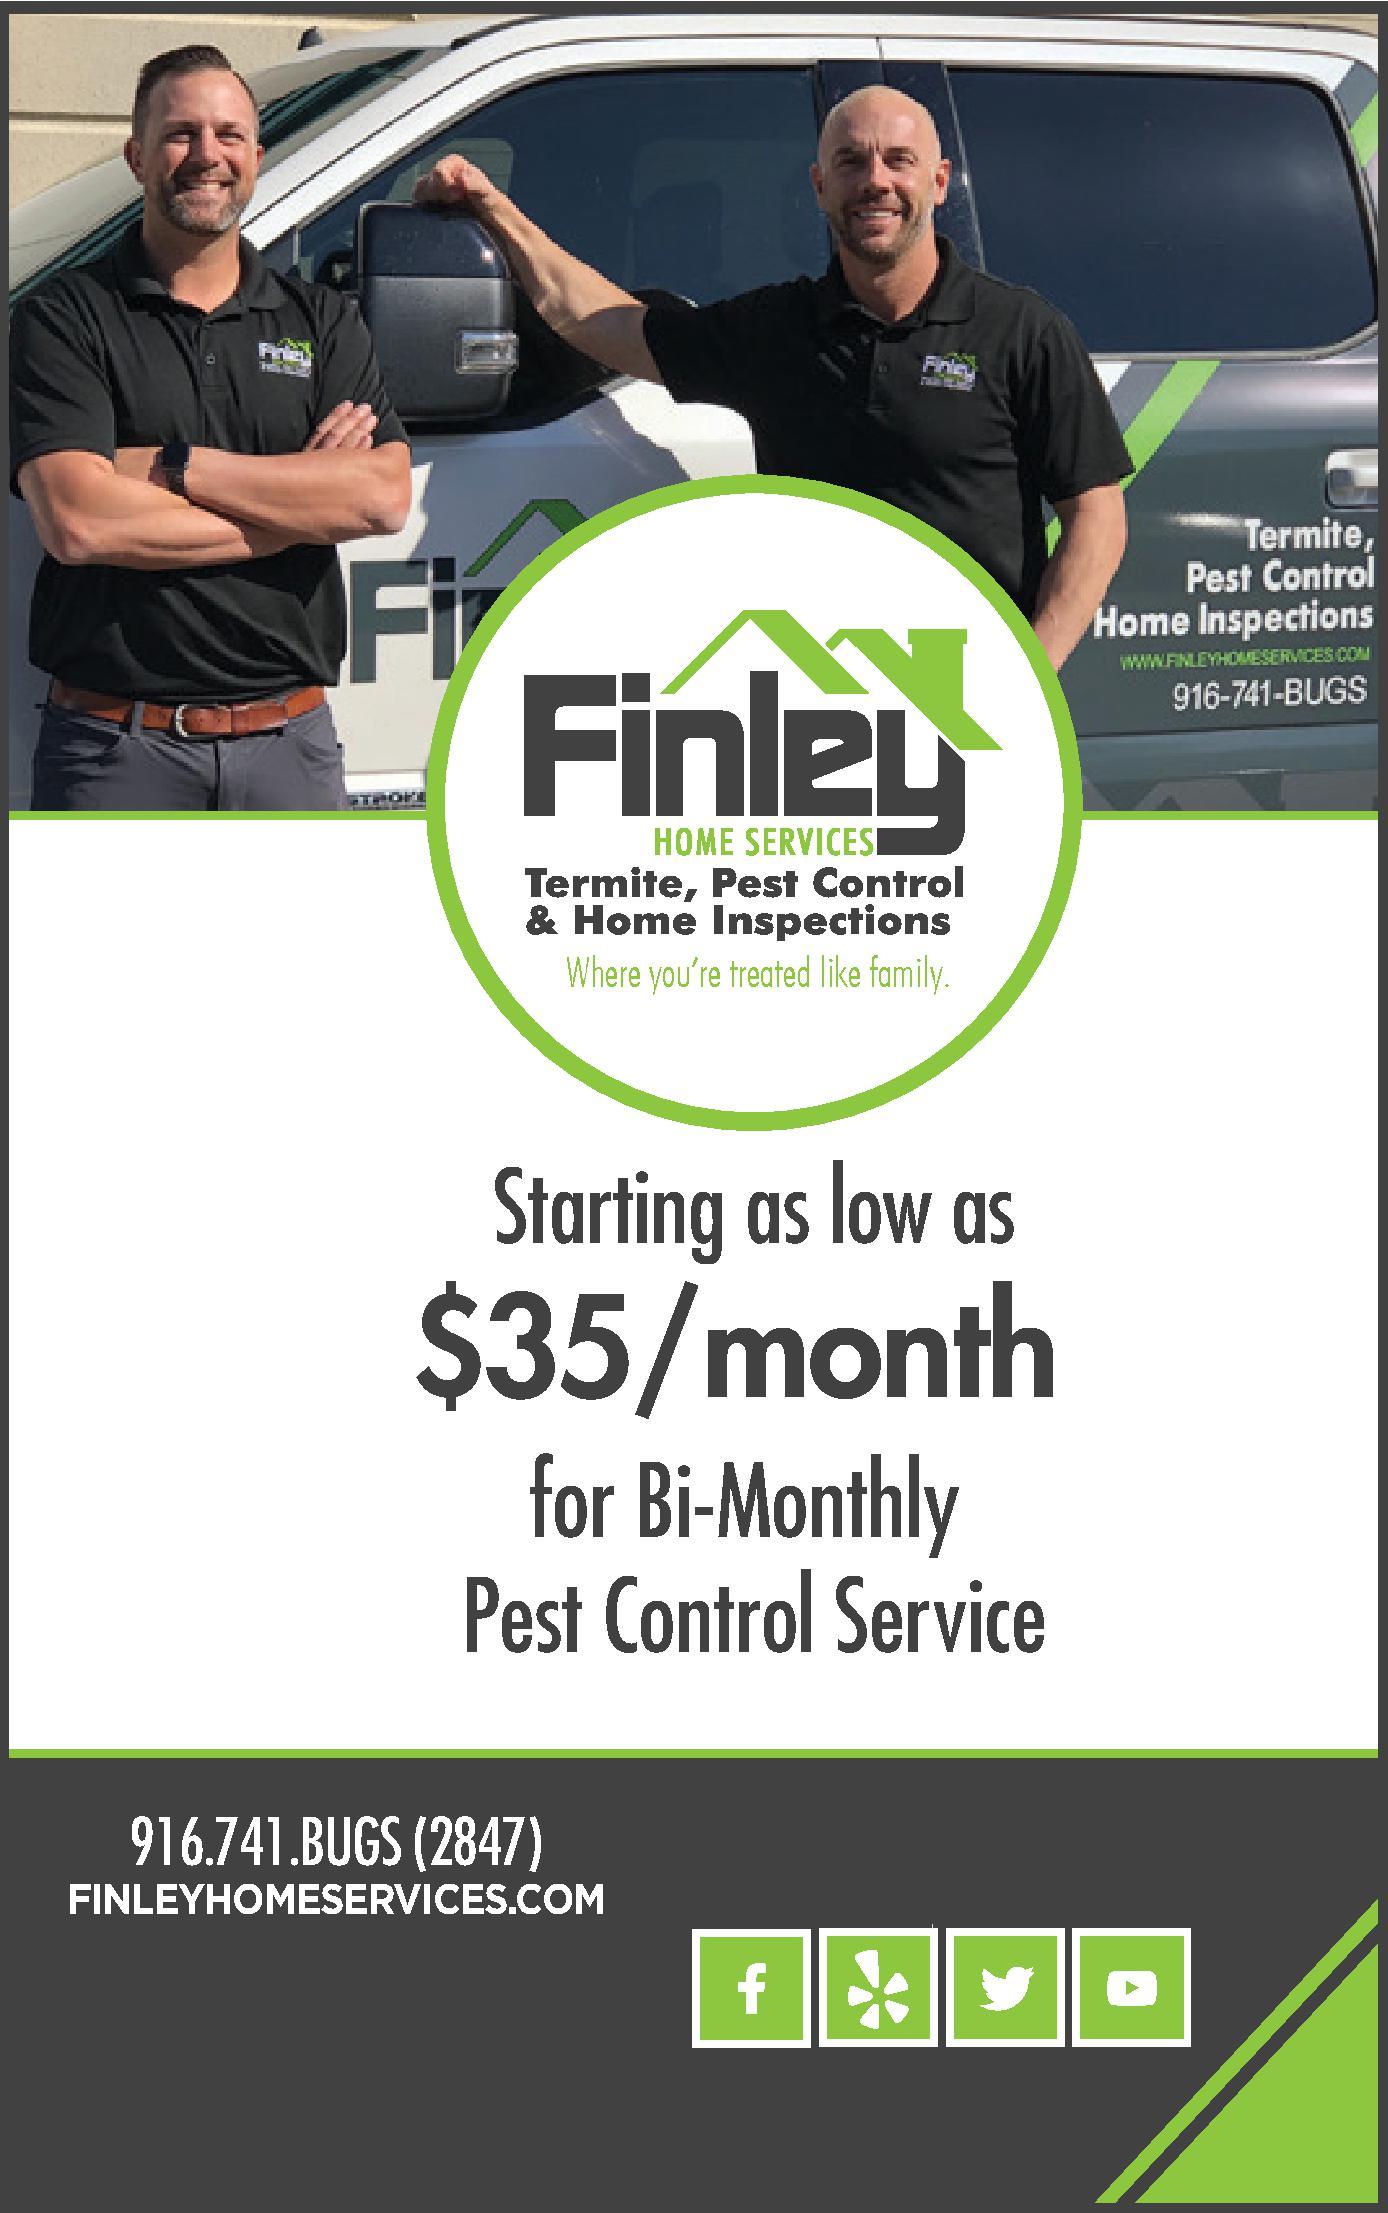 Finley Home Services